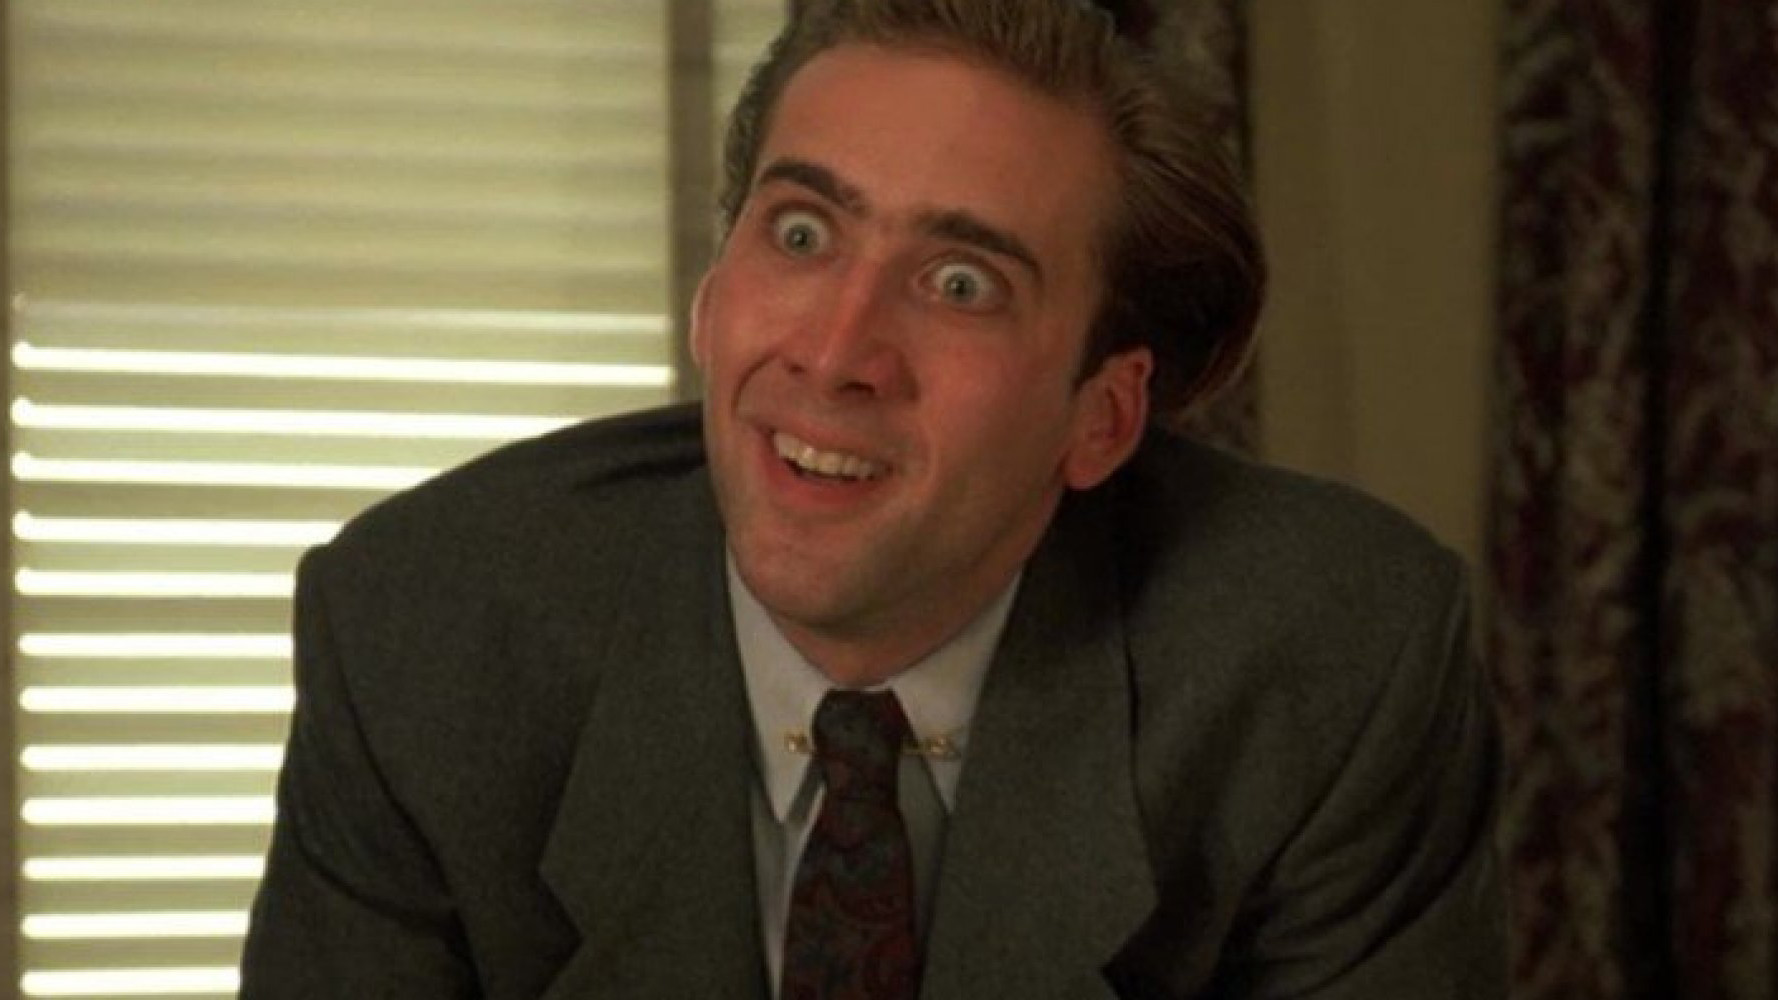 Нервный Макконахи и безумный Кейдж: 5 сцен из фильмов, которые превратились в мемы